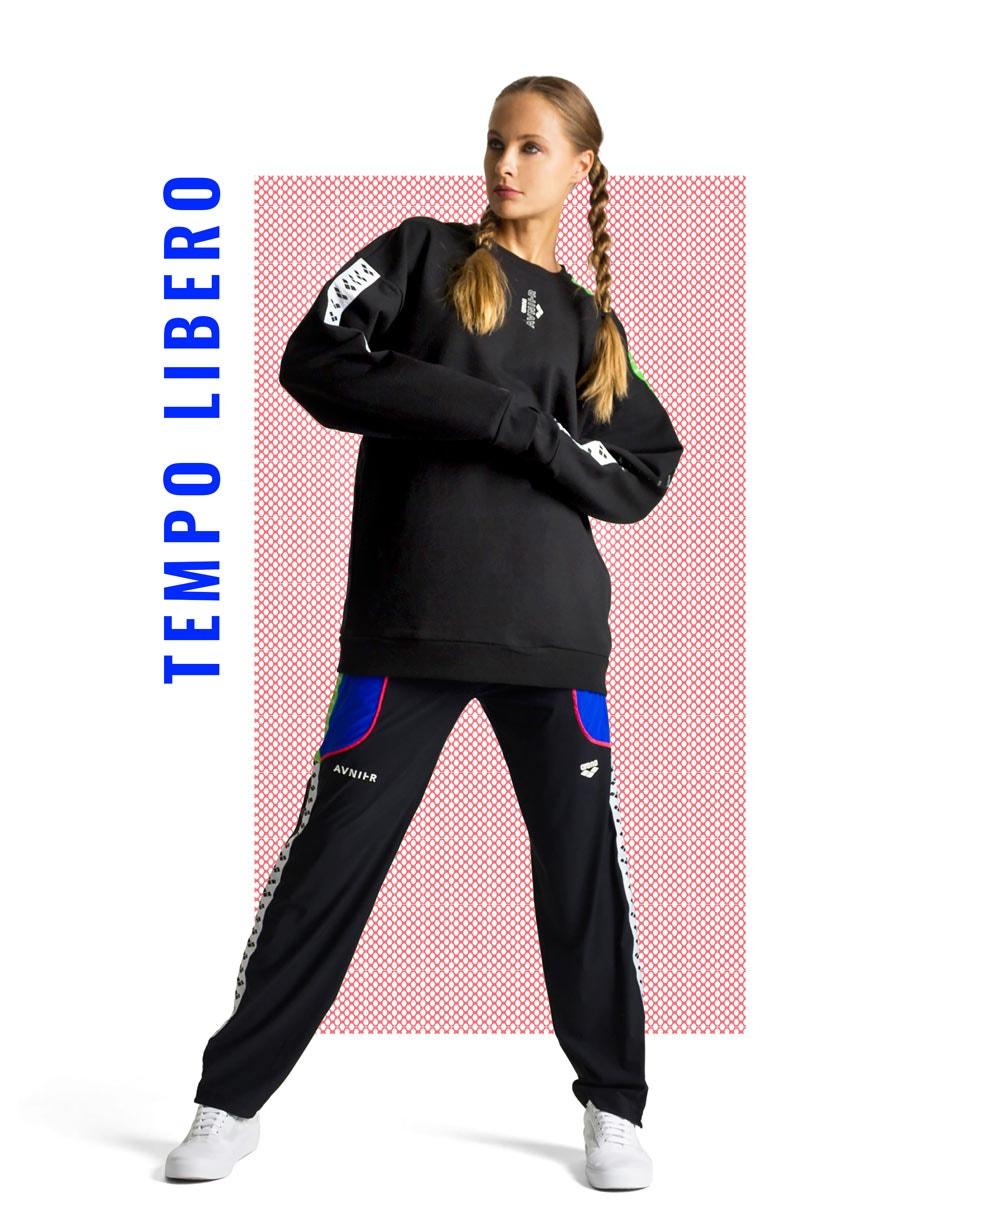 arena avnier abbigliamento streetwear donna